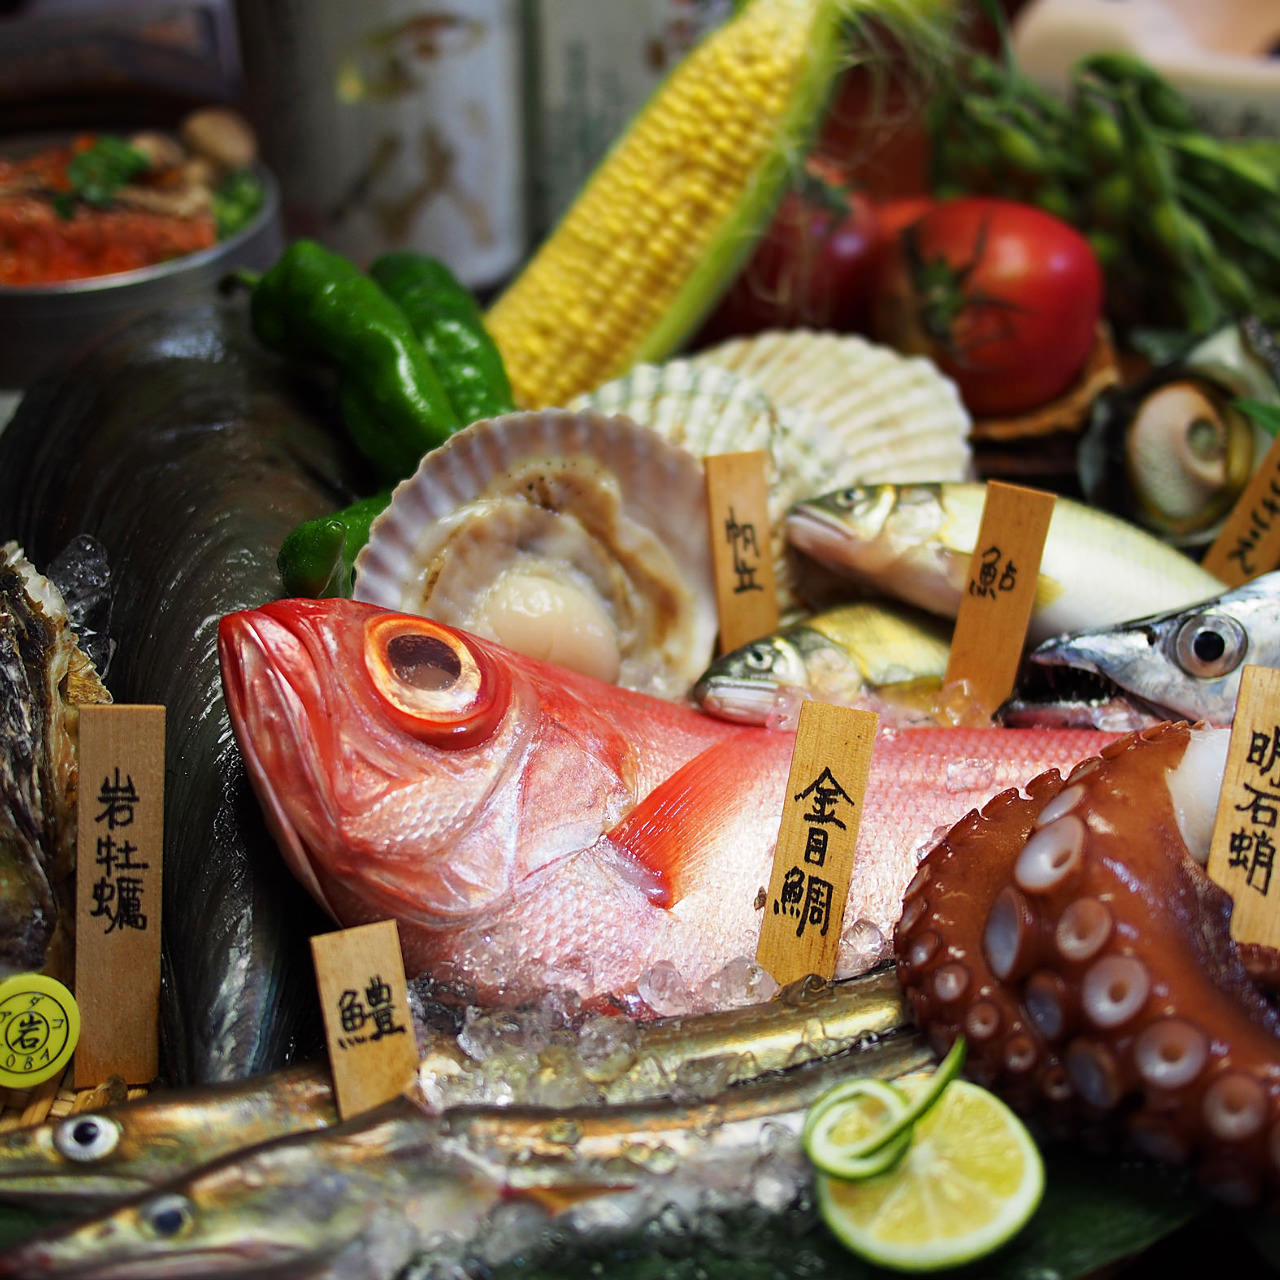 瀬戸内の海でとれた新鮮魚介が集結